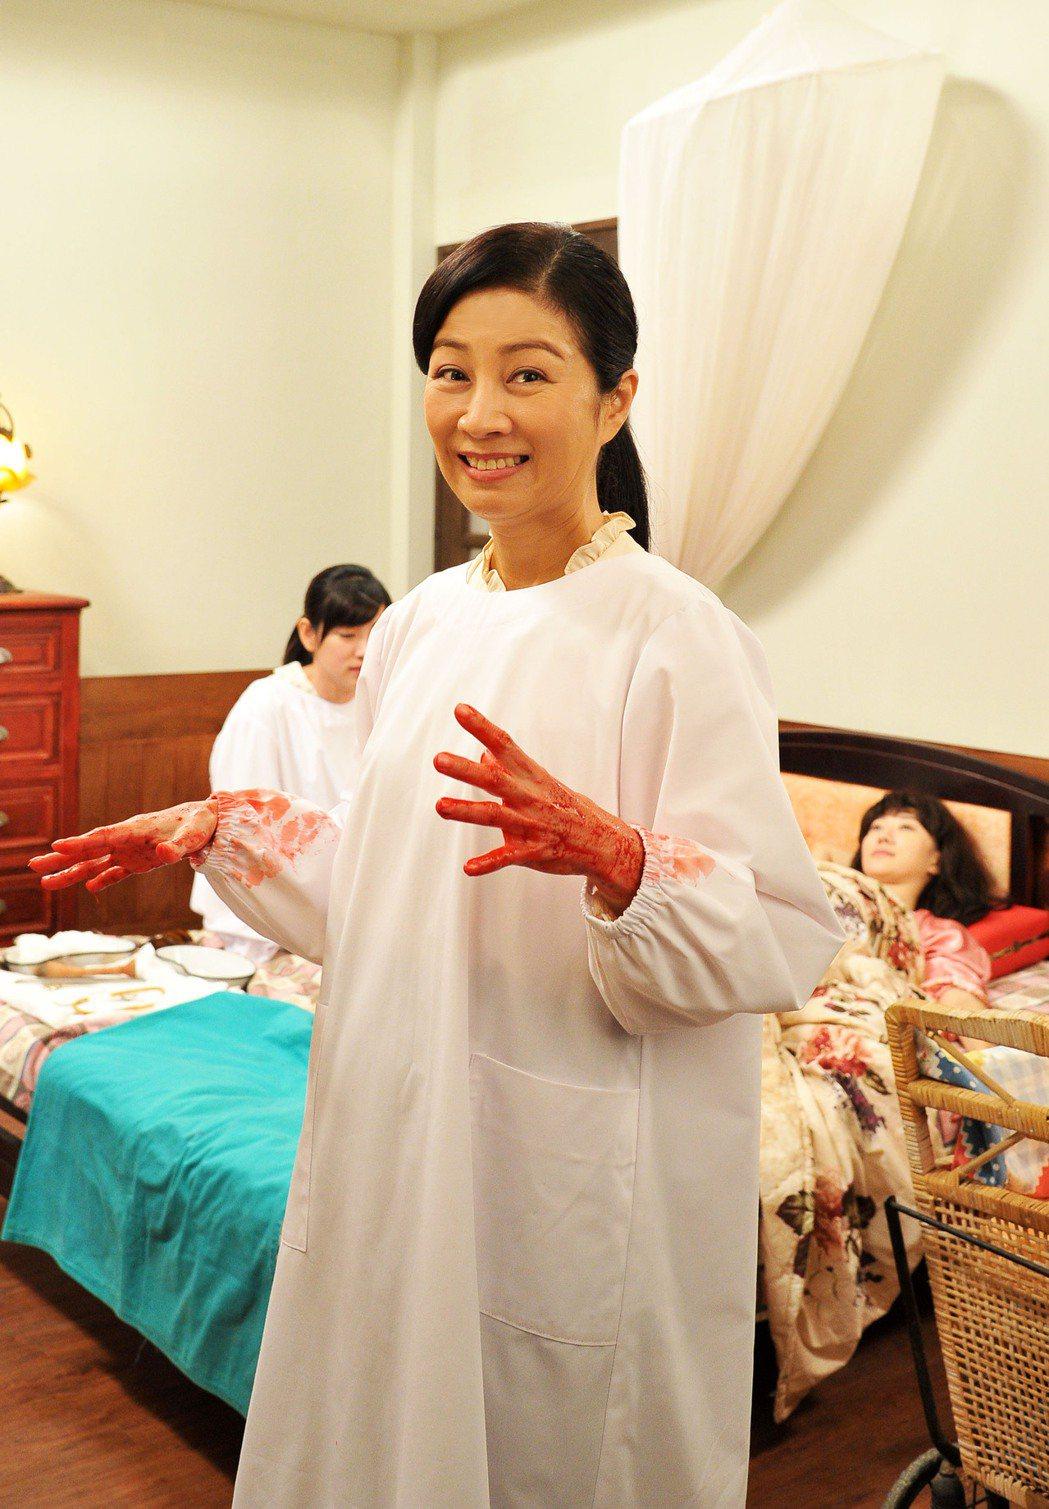 方文琳拍接生戲滿手是血。圖/台視提供